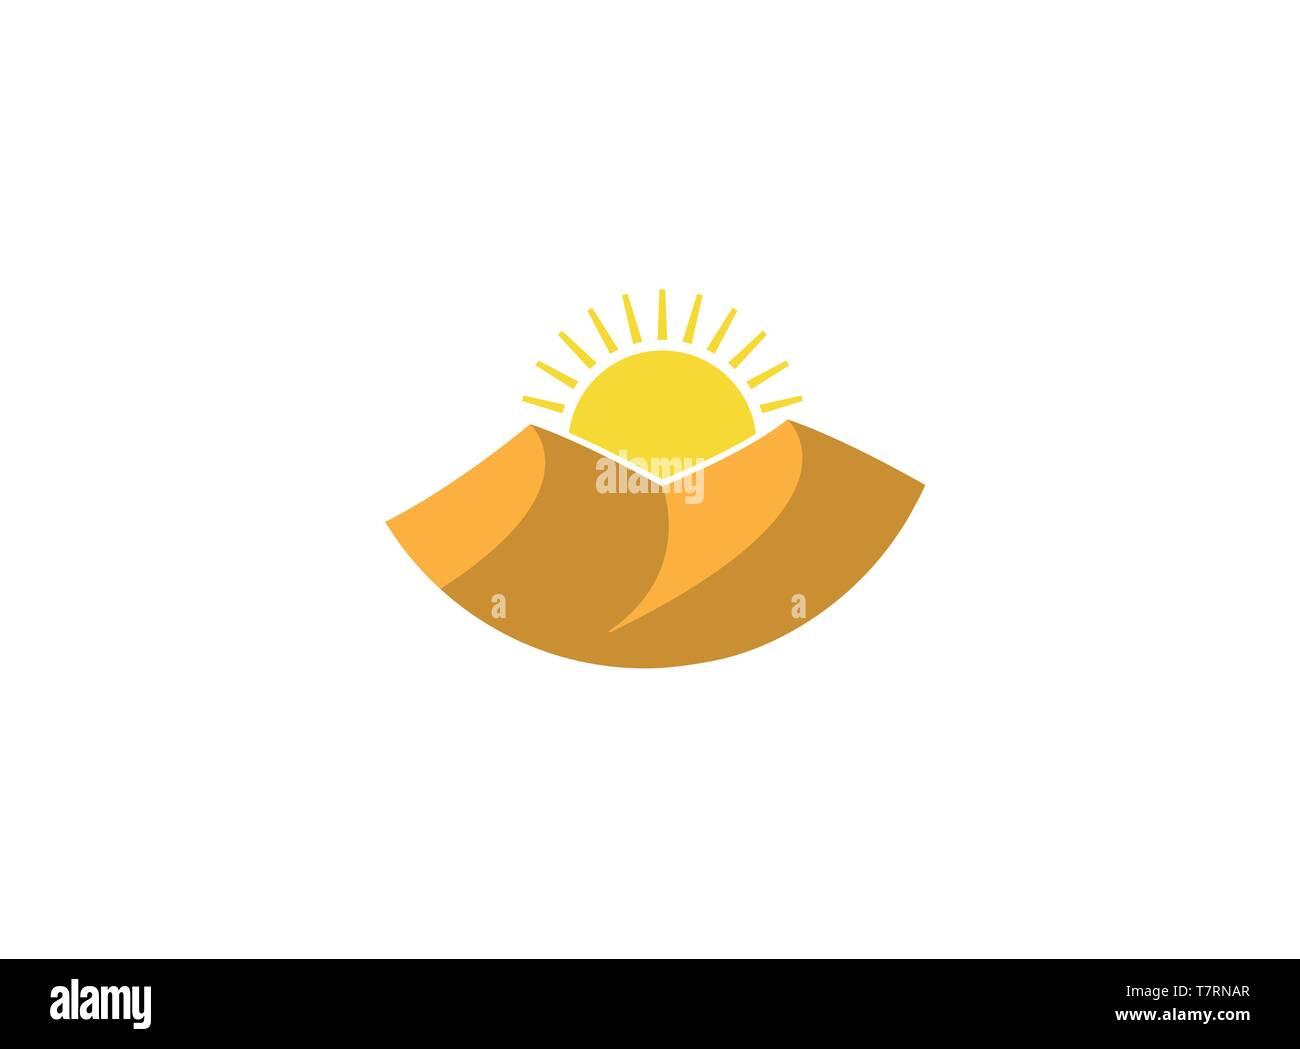 dunes of sands and hot sun shining in desert for logo esign illustration - Stock Image